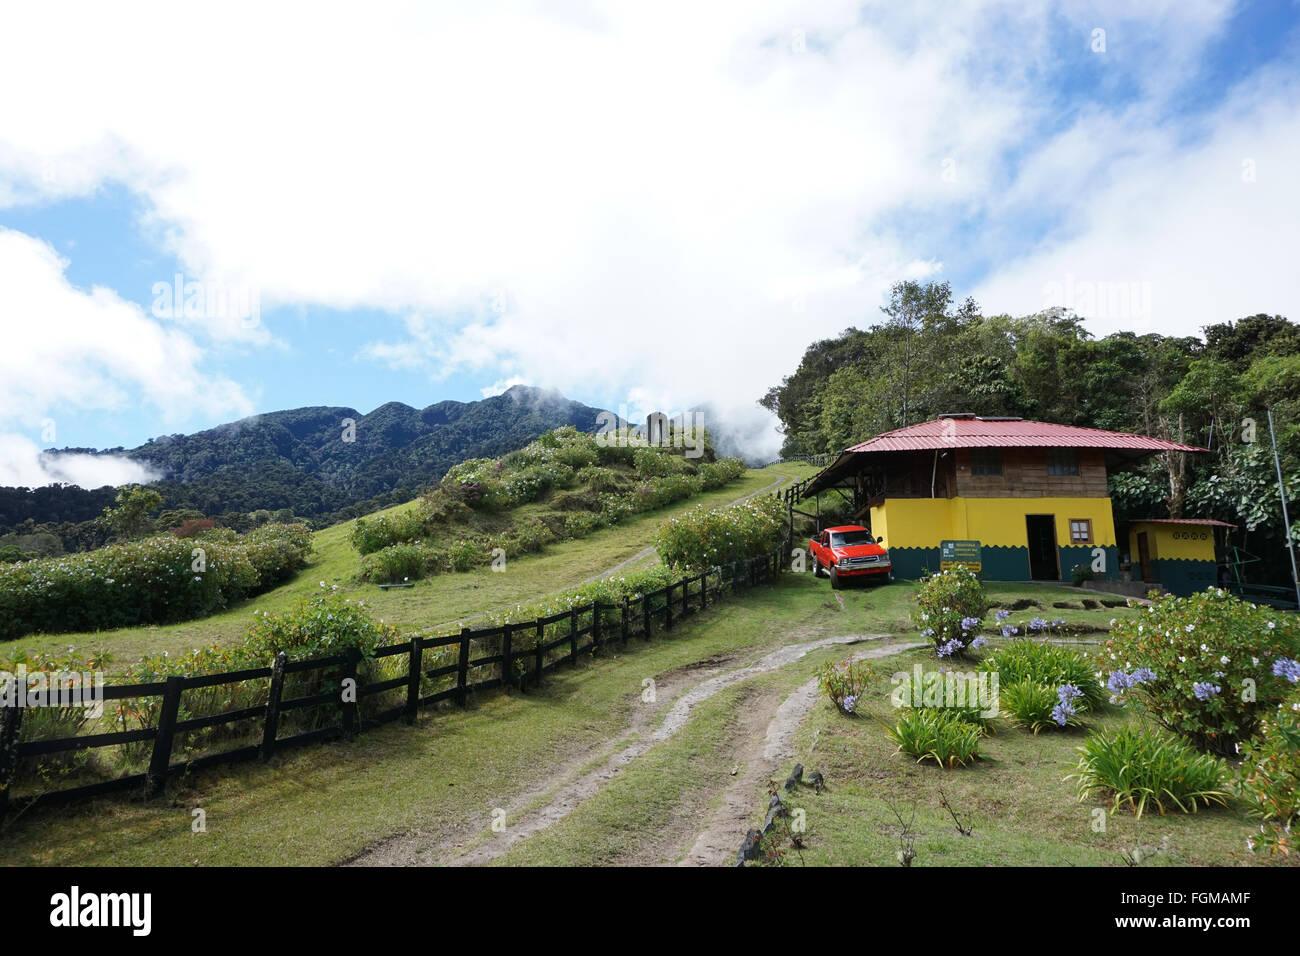 Anam stazione di ranger e vista del paesaggio delle Highlands a Cerro Punta Volcan Baru Chiriqui Panama.vicino a Immagini Stock